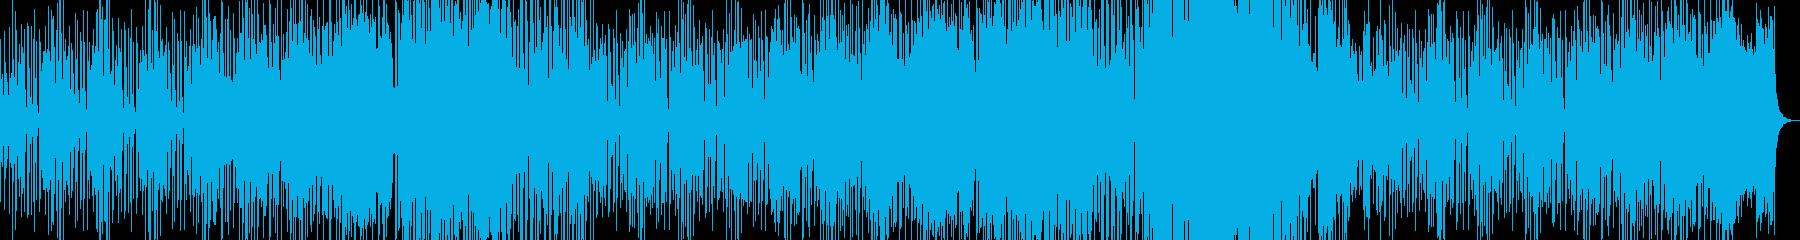 淡々としたリラックスできるBGMの再生済みの波形